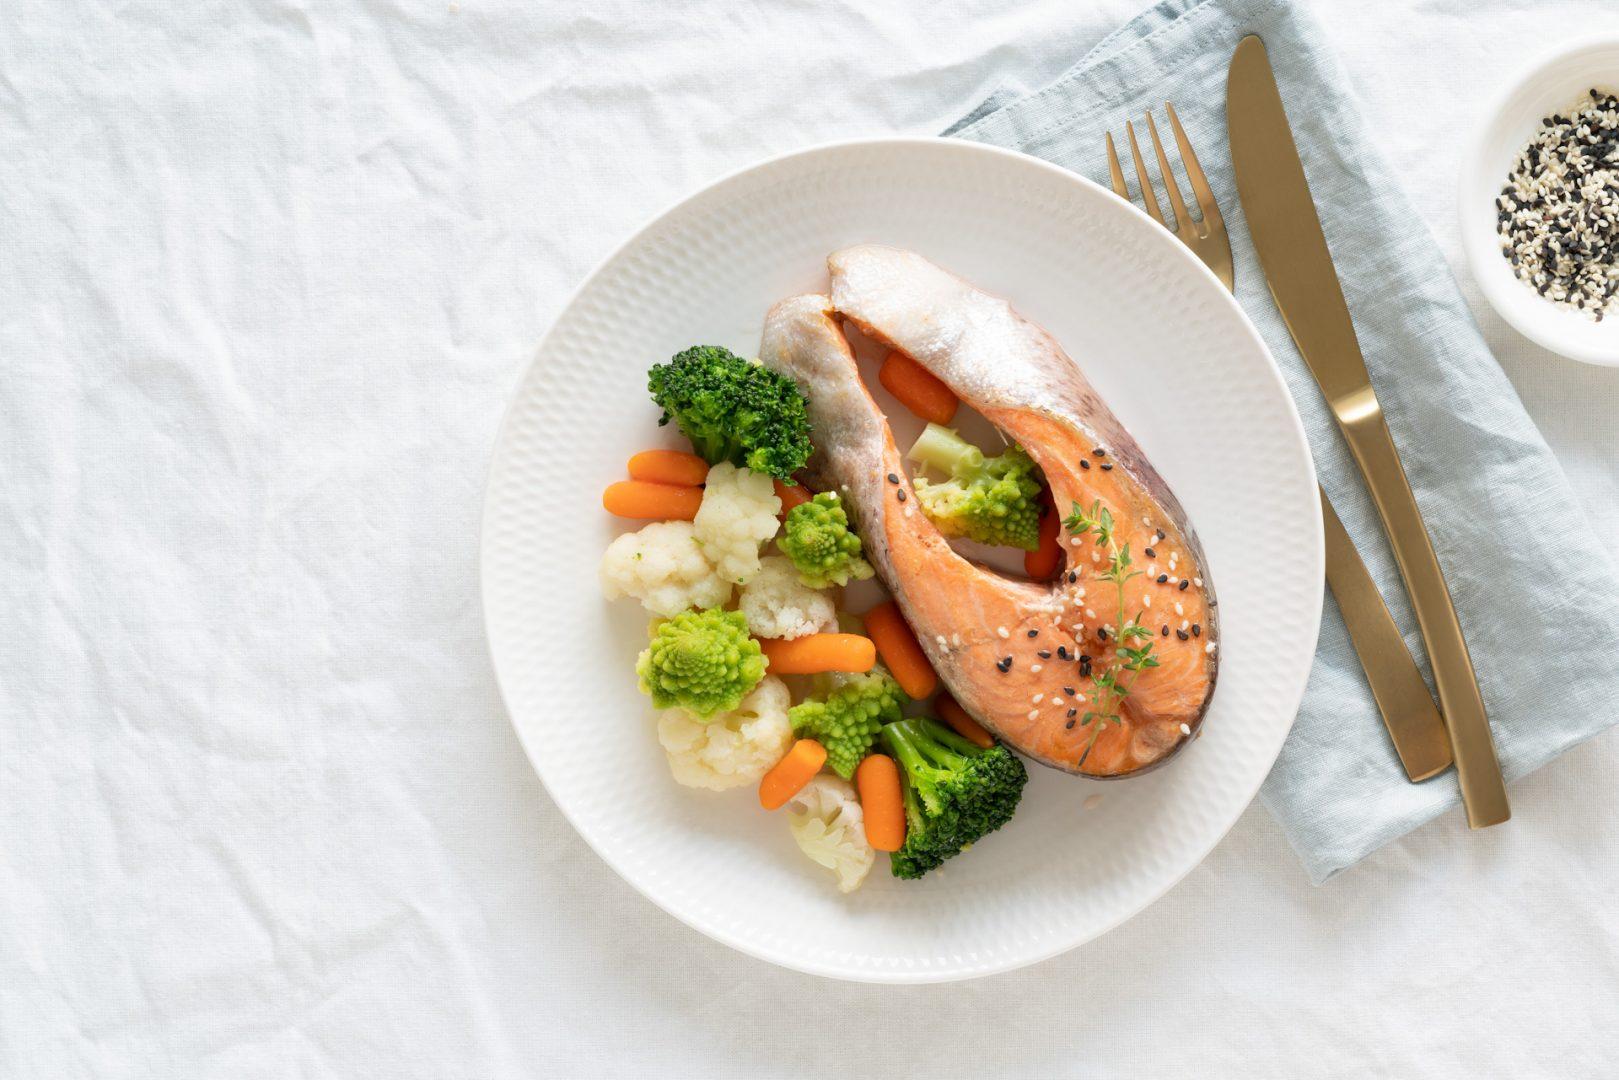 Dieta při PCOS: Co jíst a čemu se vyhnout?